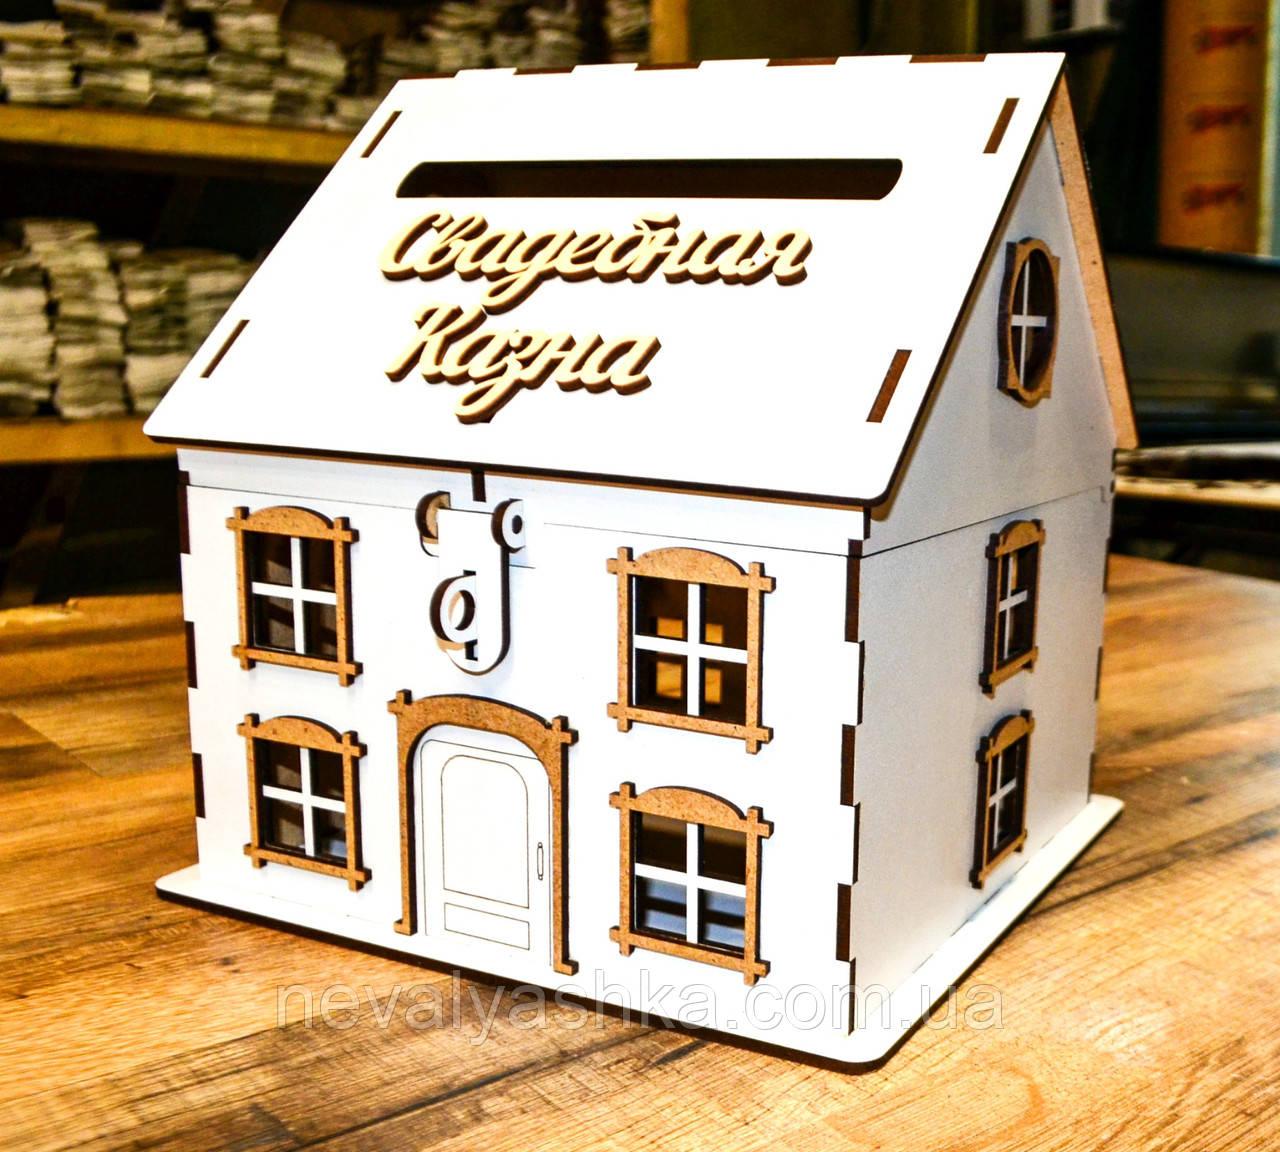 Свадебная Казна Домик Дом для Денег Деревянная коробка сундук копилка на свадьбу Весільна скарбниця для грошей